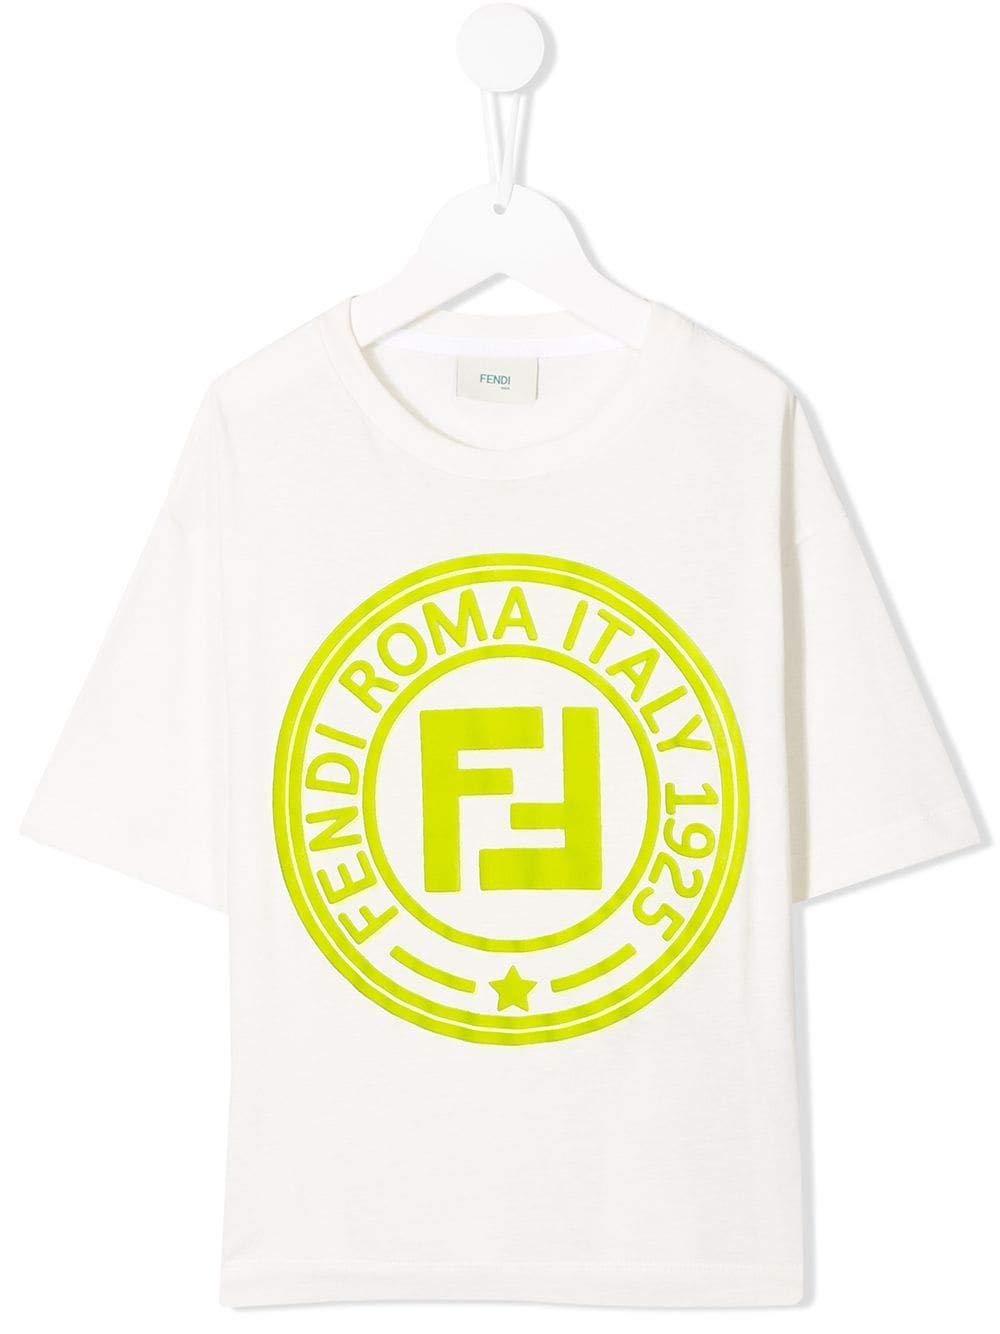 FENDI Boys Jmi2747ajf16wf White Cotton T-Shirt